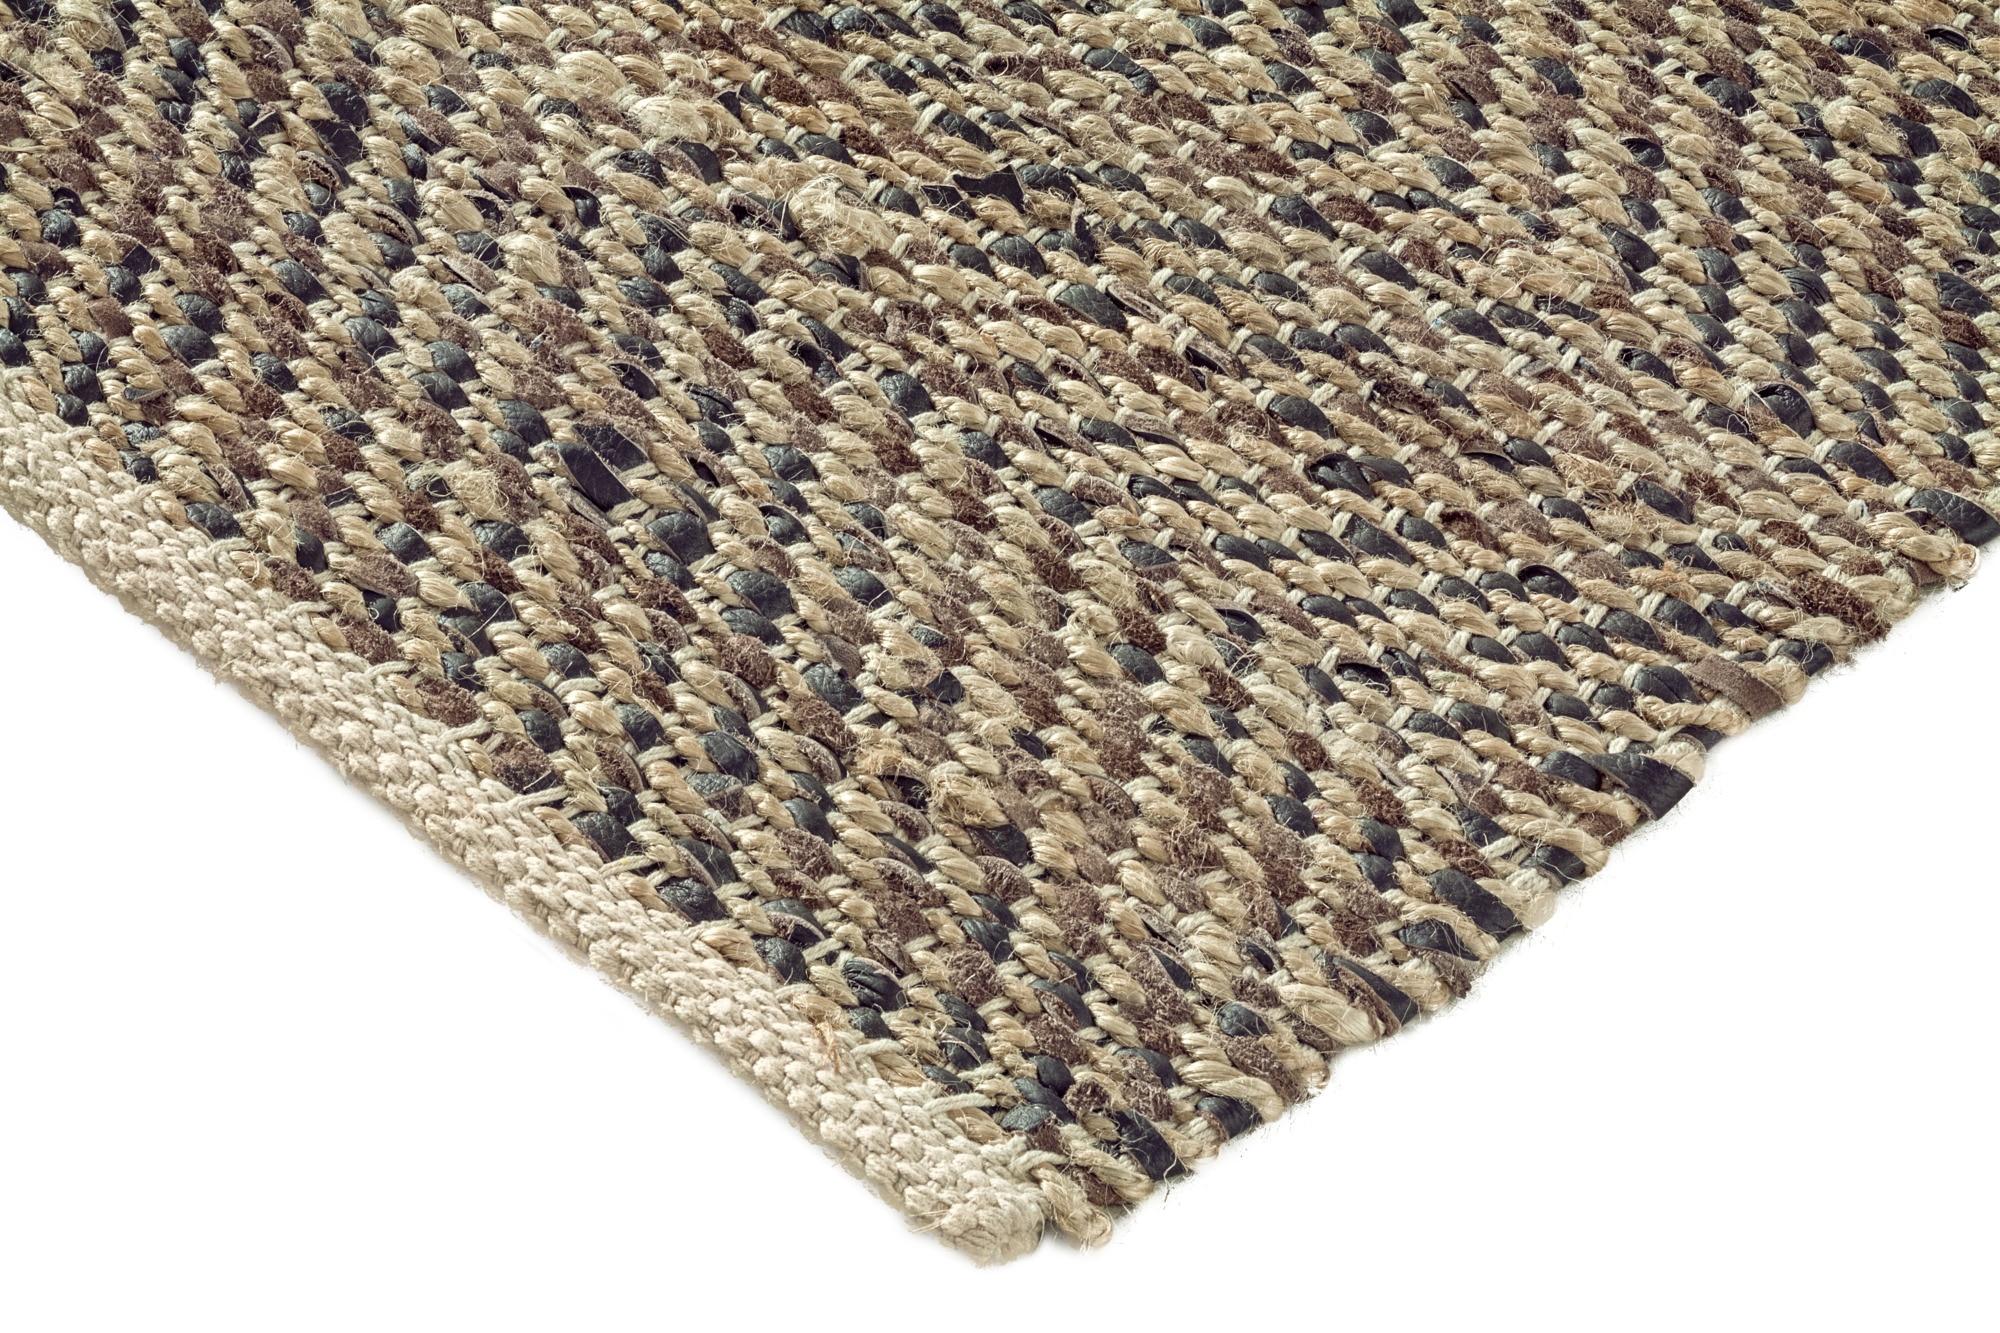 heine home Handwebteppich gewebt Wohnen/Wohntextilien/Teppiche/Weitere Teppiche/Handwebteppiche